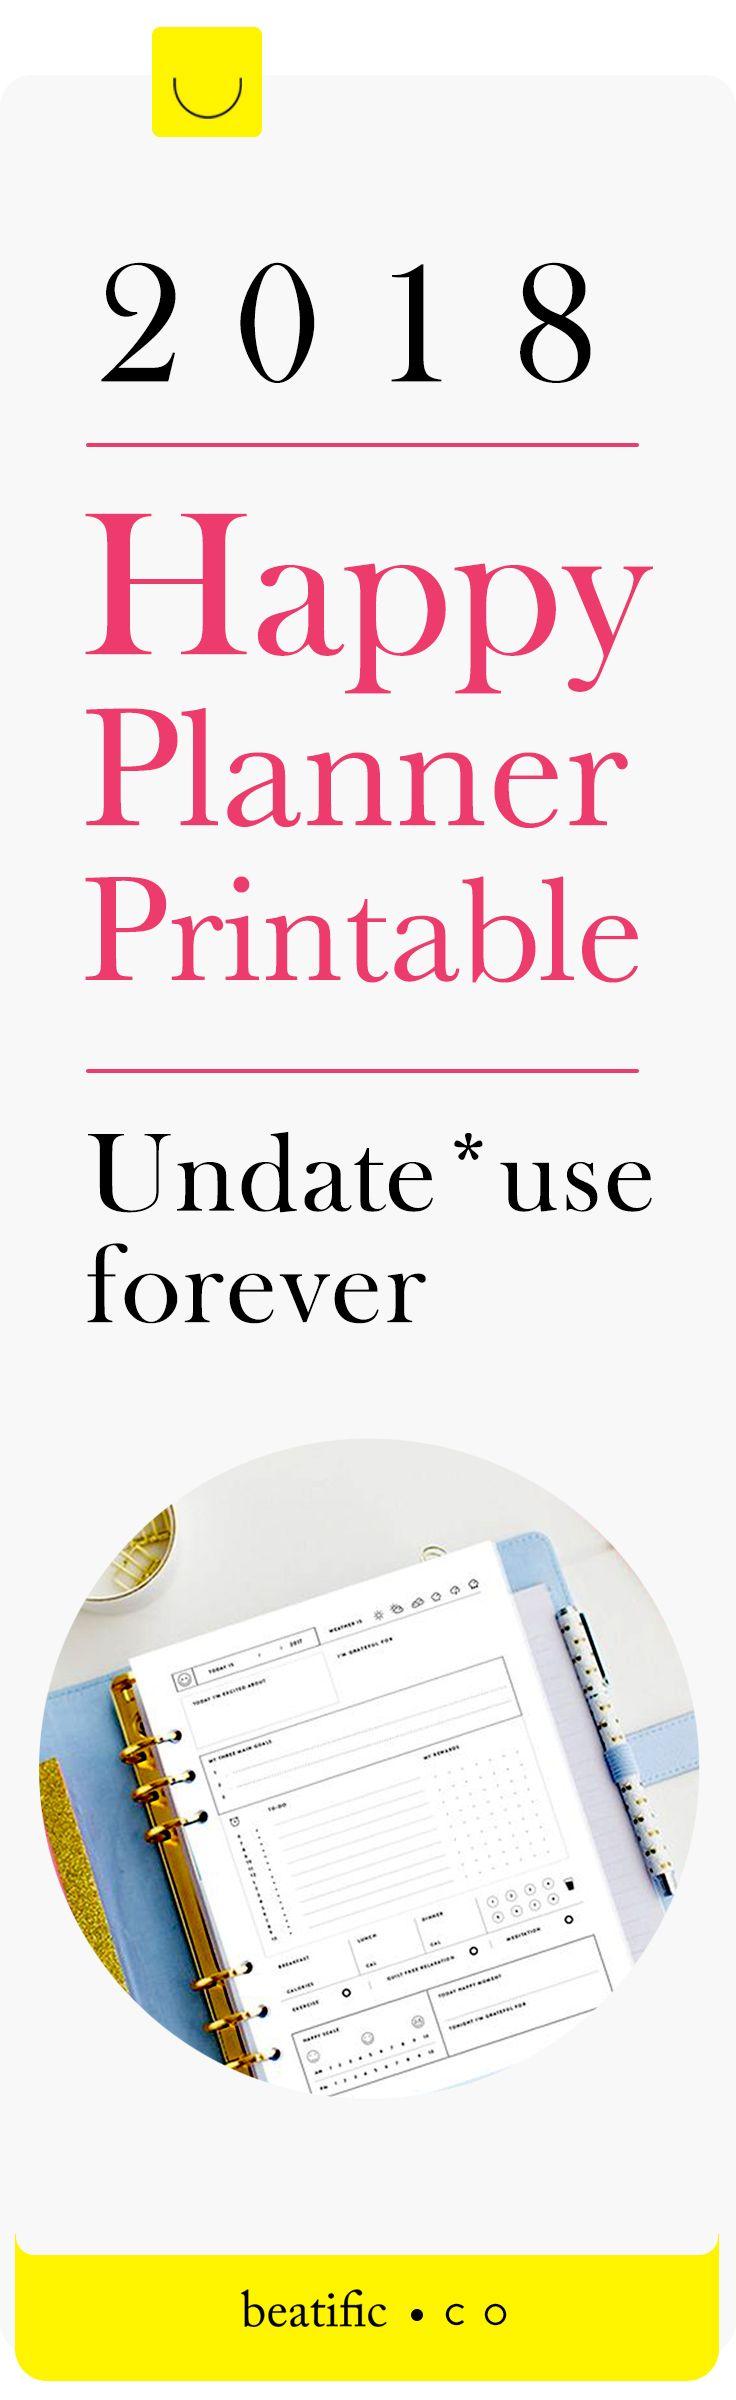 #printable #printableplannertemplate #printableplannerstickers